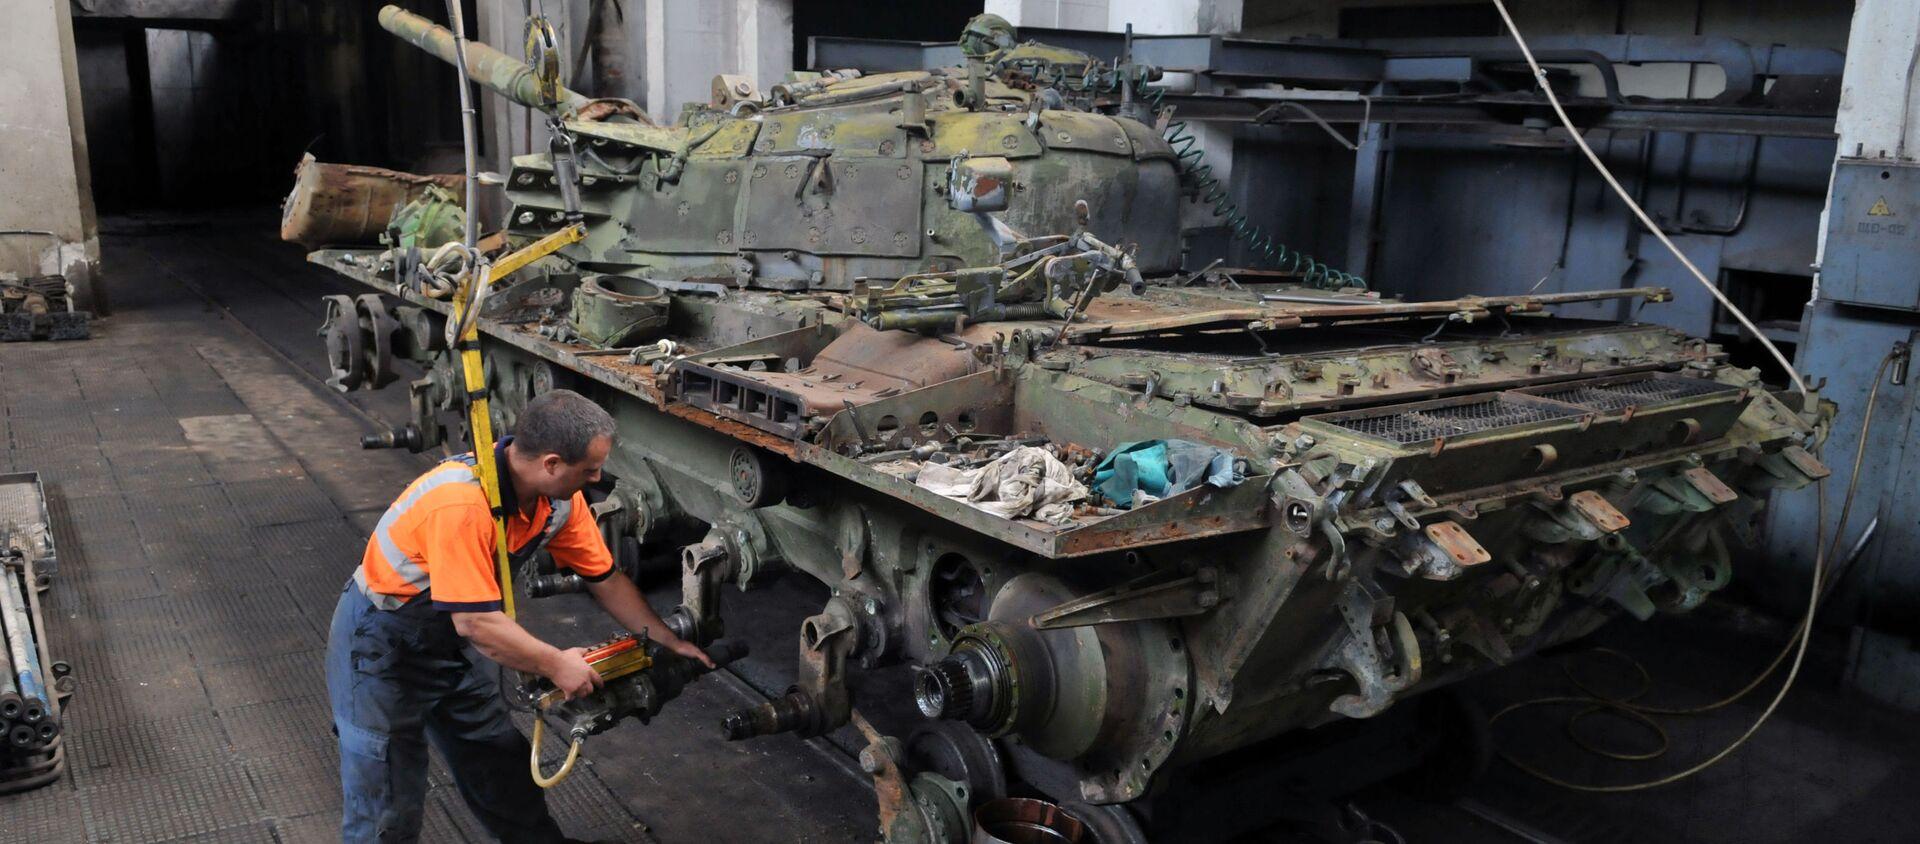 Naprawa czołgów T-72 we Lwowskiej Fabryce Czołgów - Sputnik Polska, 1920, 26.07.2019